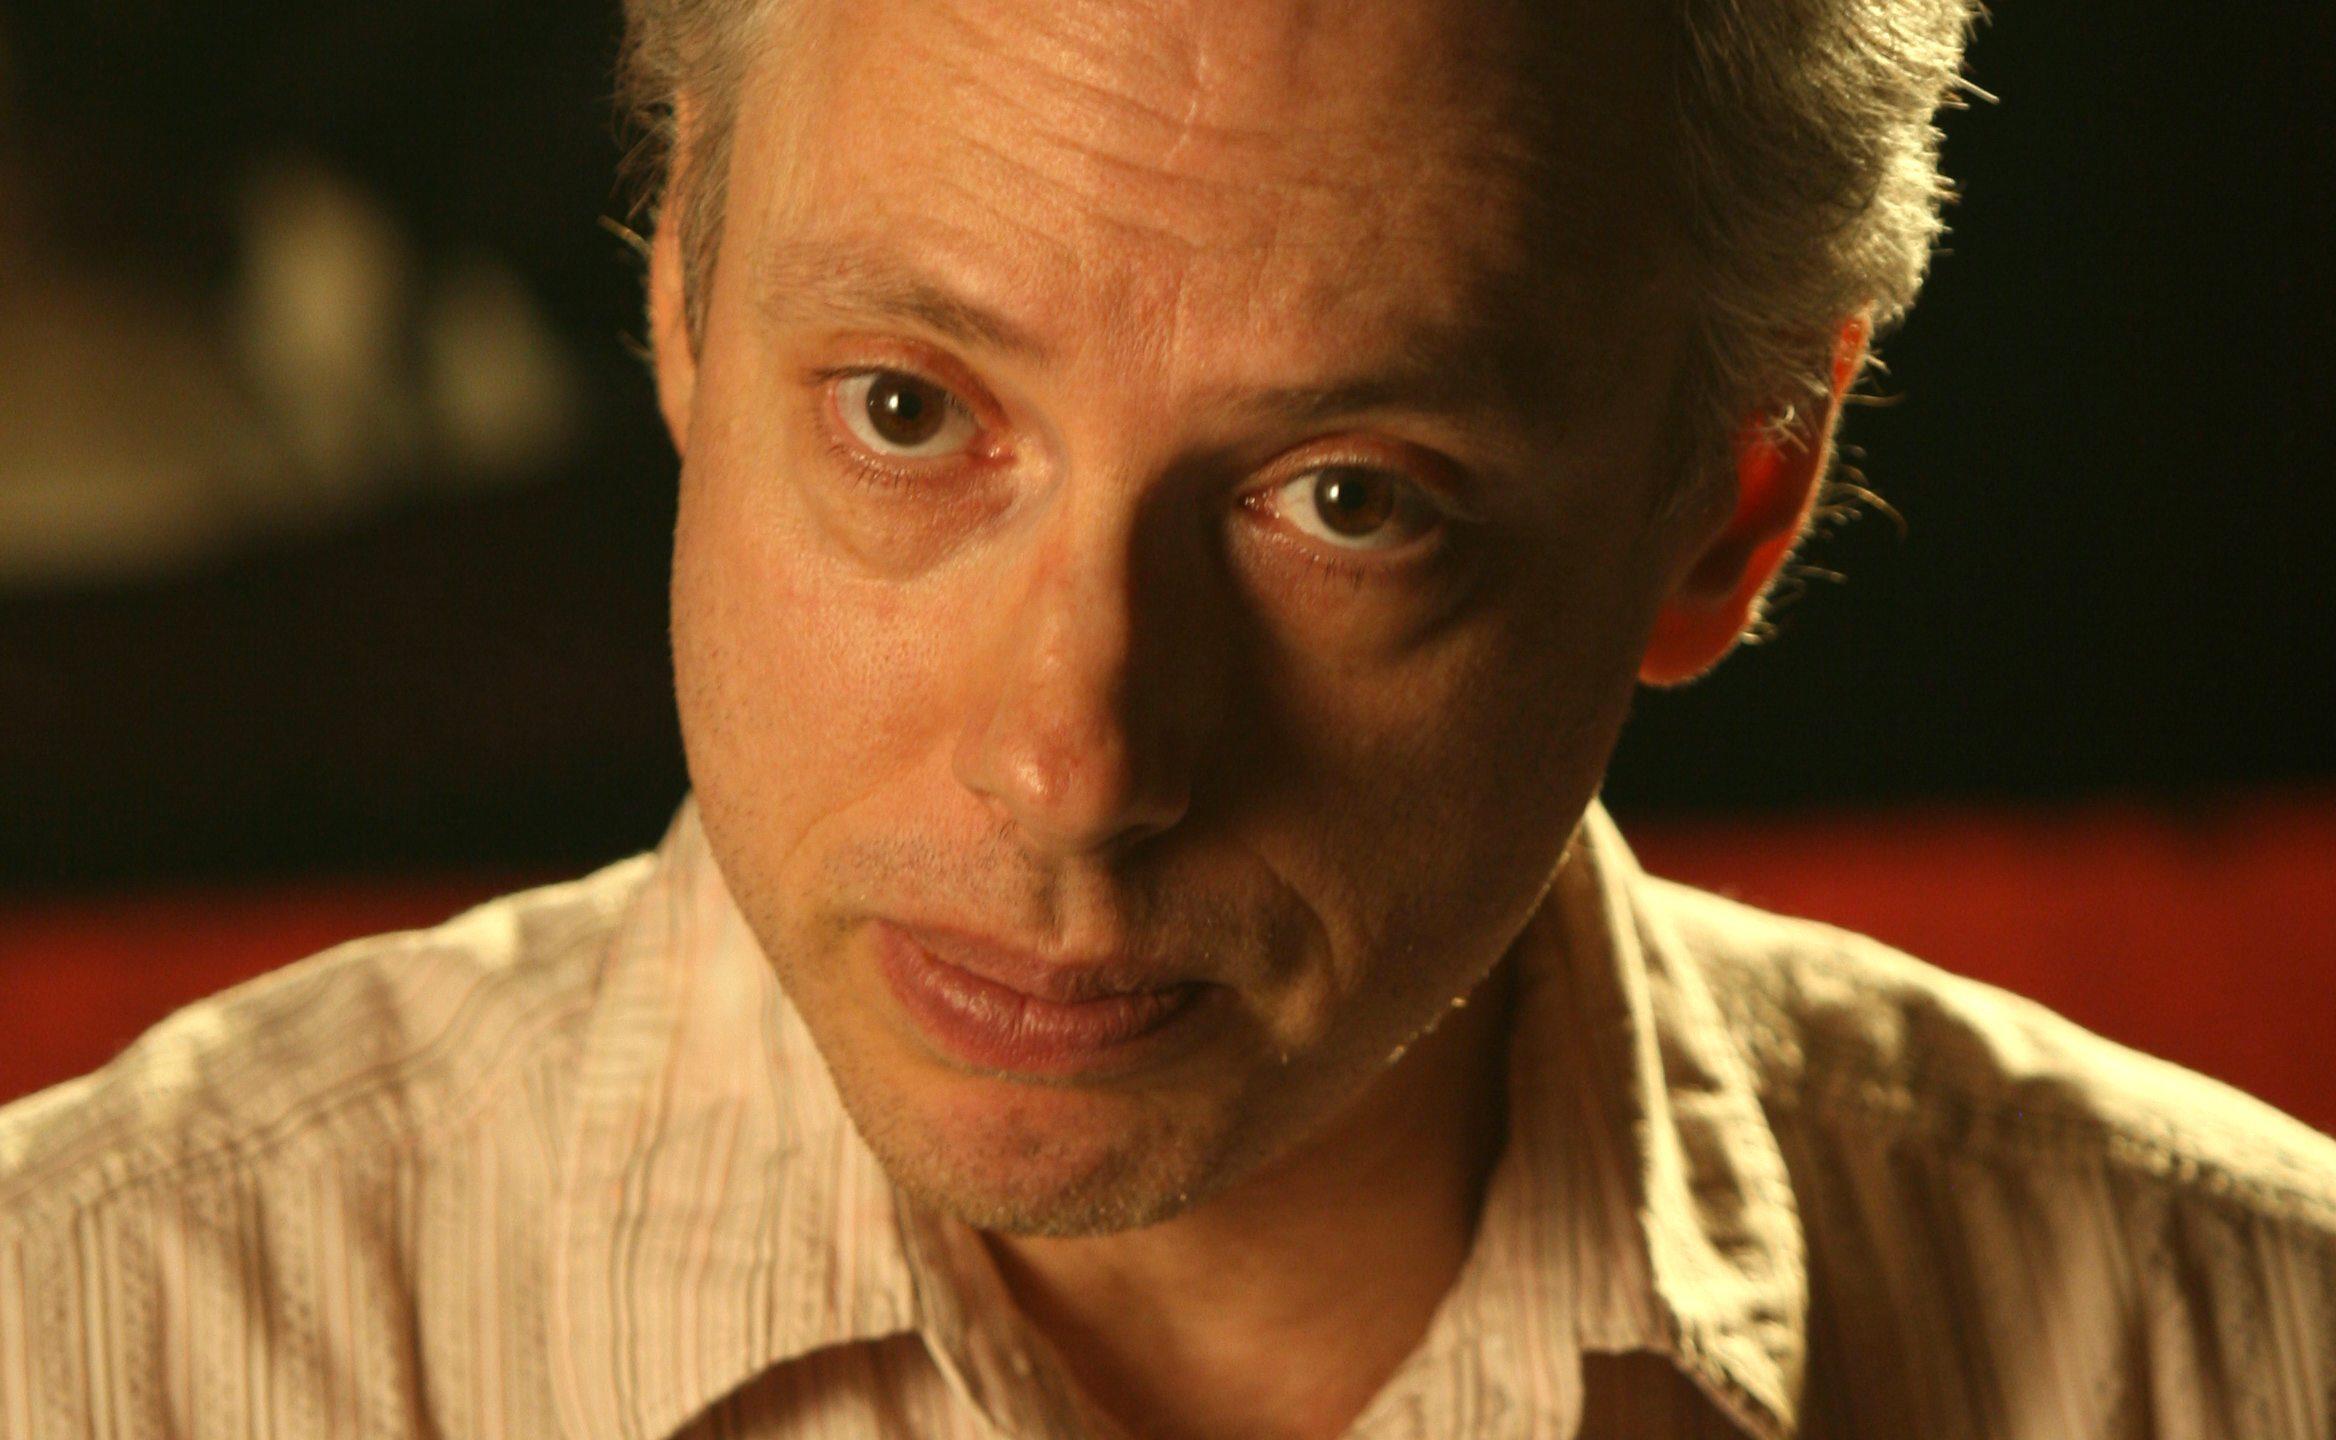 Un archétype de réalisateur juif-américain, dont les films sont disponibles un peu partout.